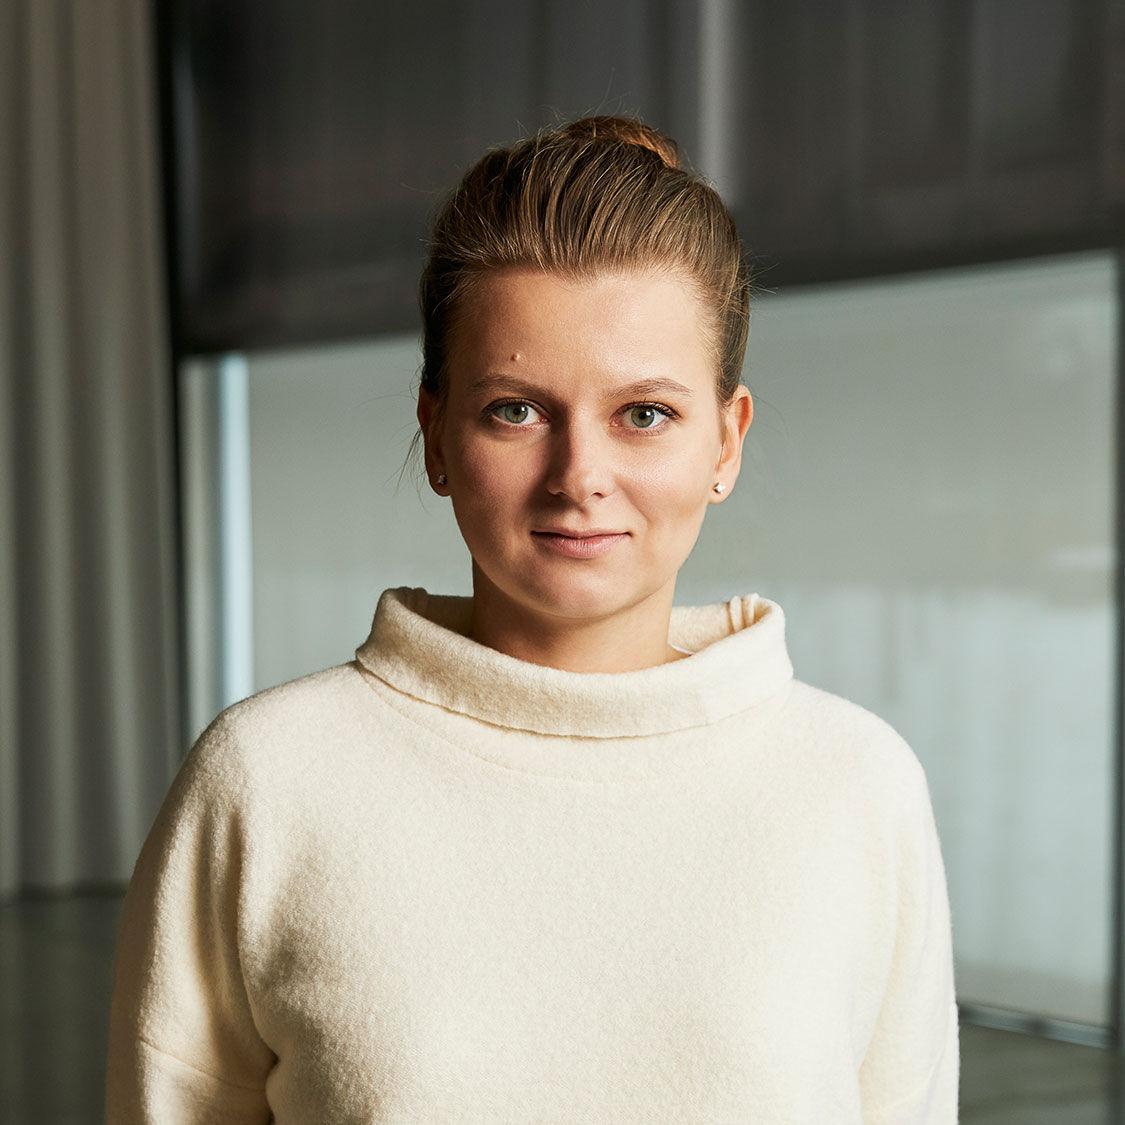 Katya Inozemtseva